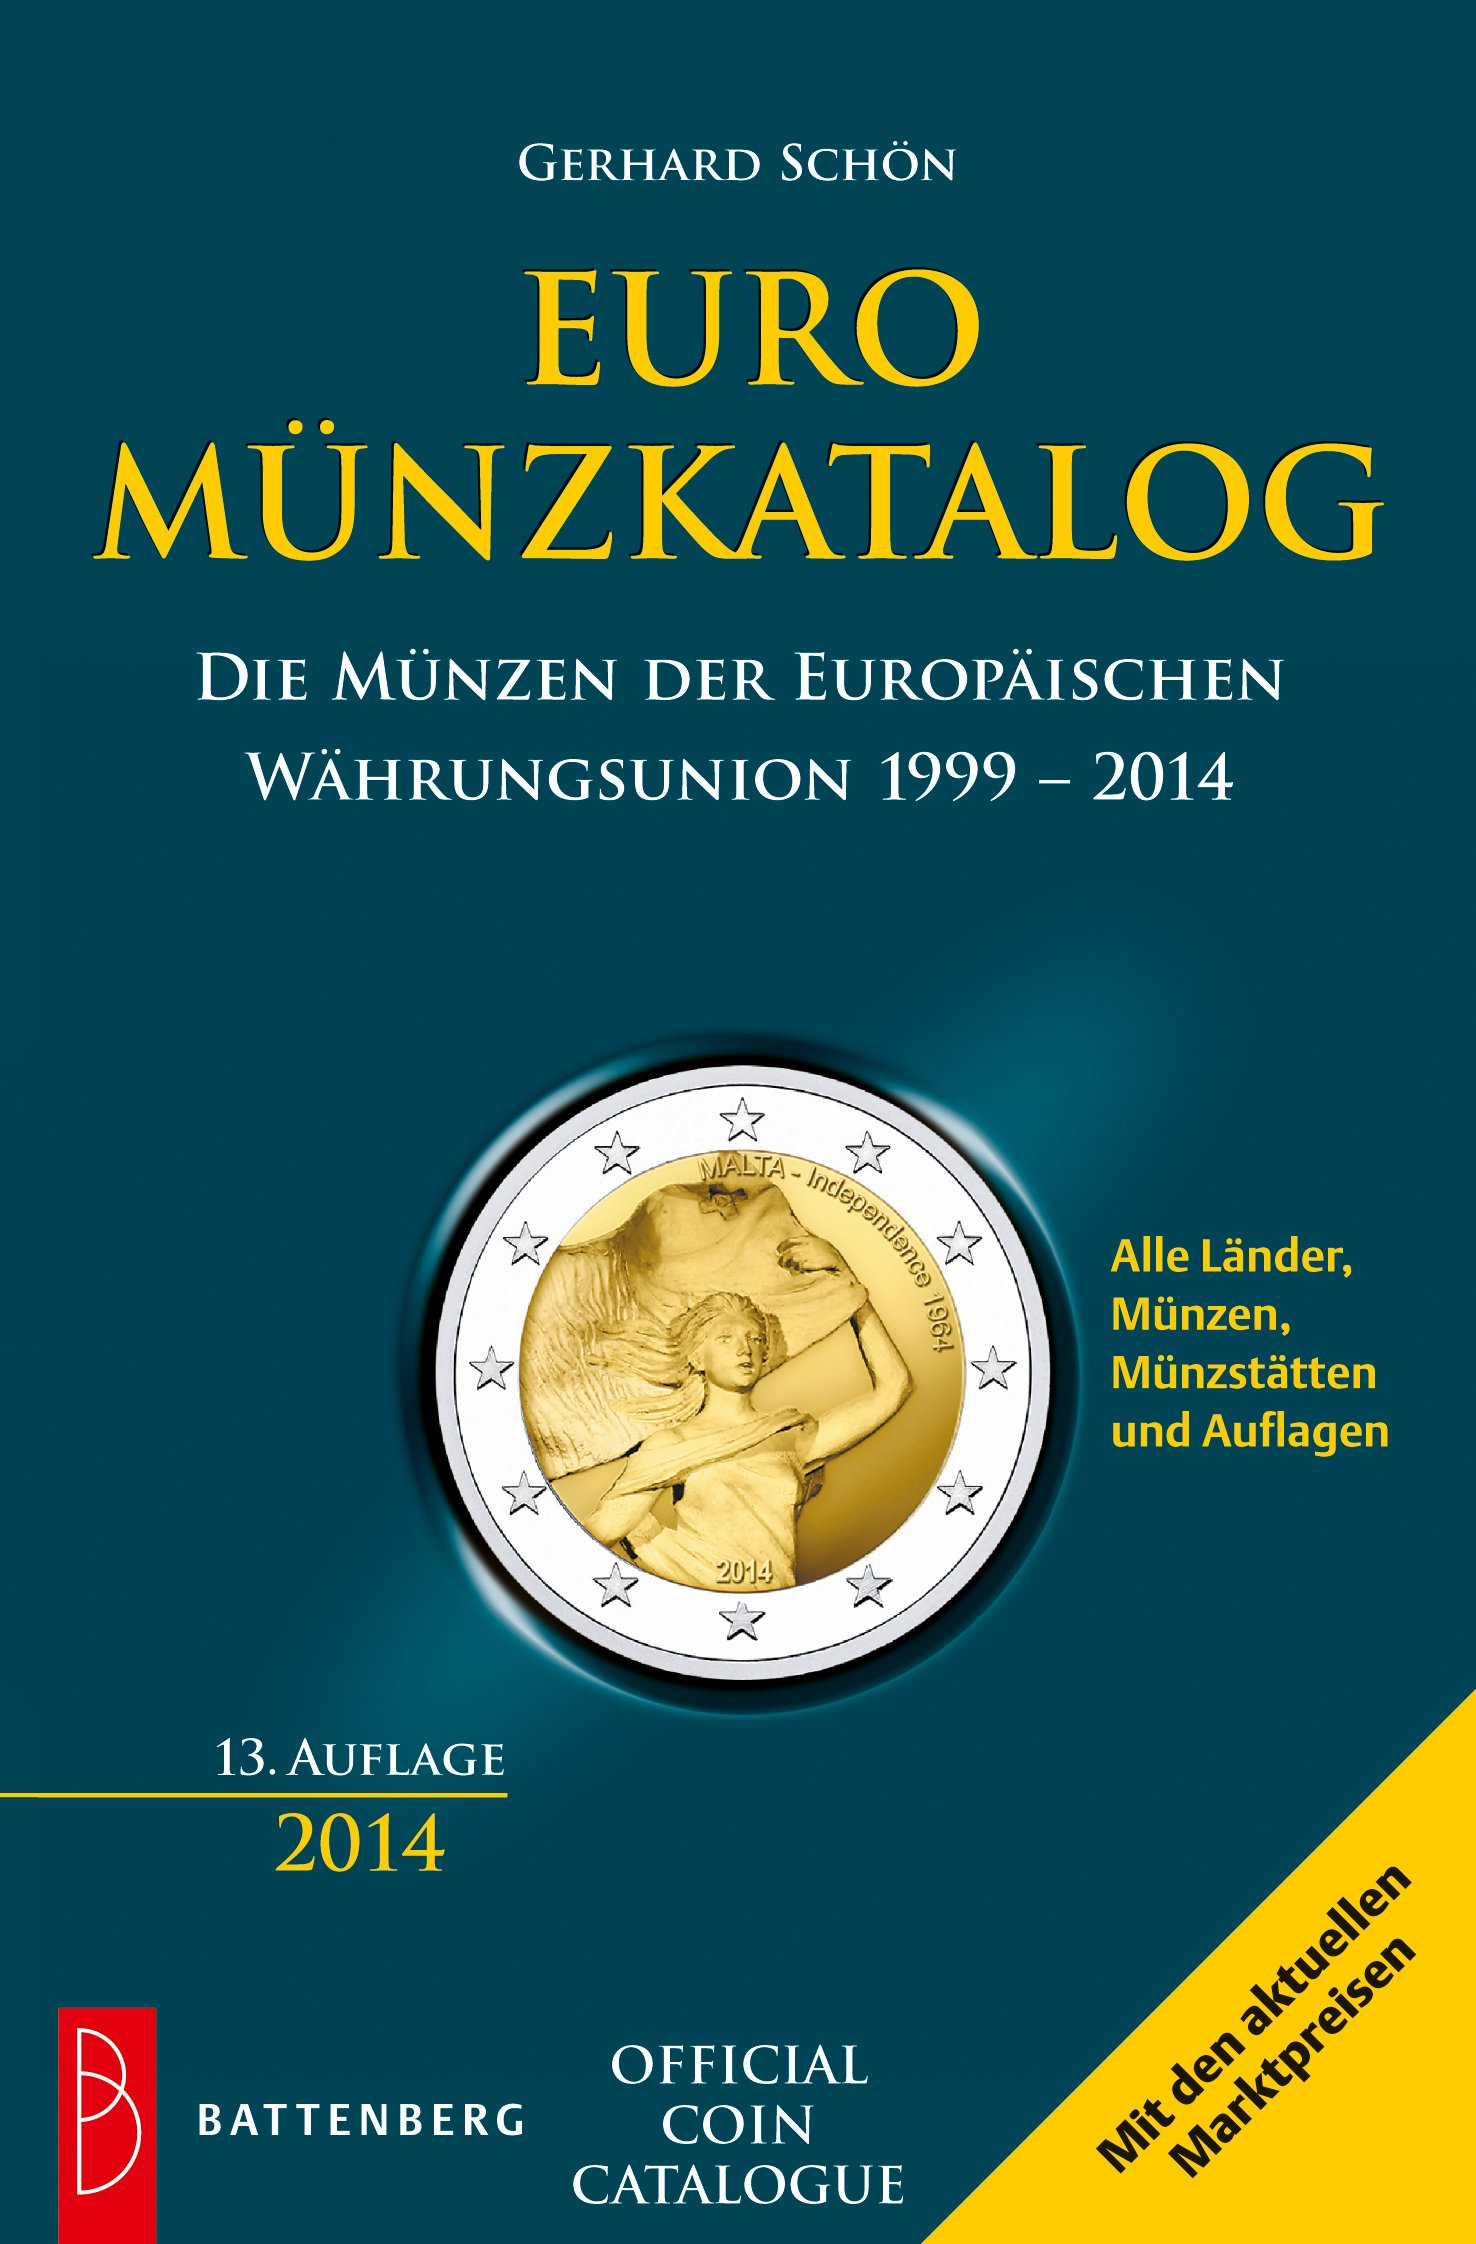 Euro Münzkatalog Die Münzen Der Europäischen Währungsunion 1999